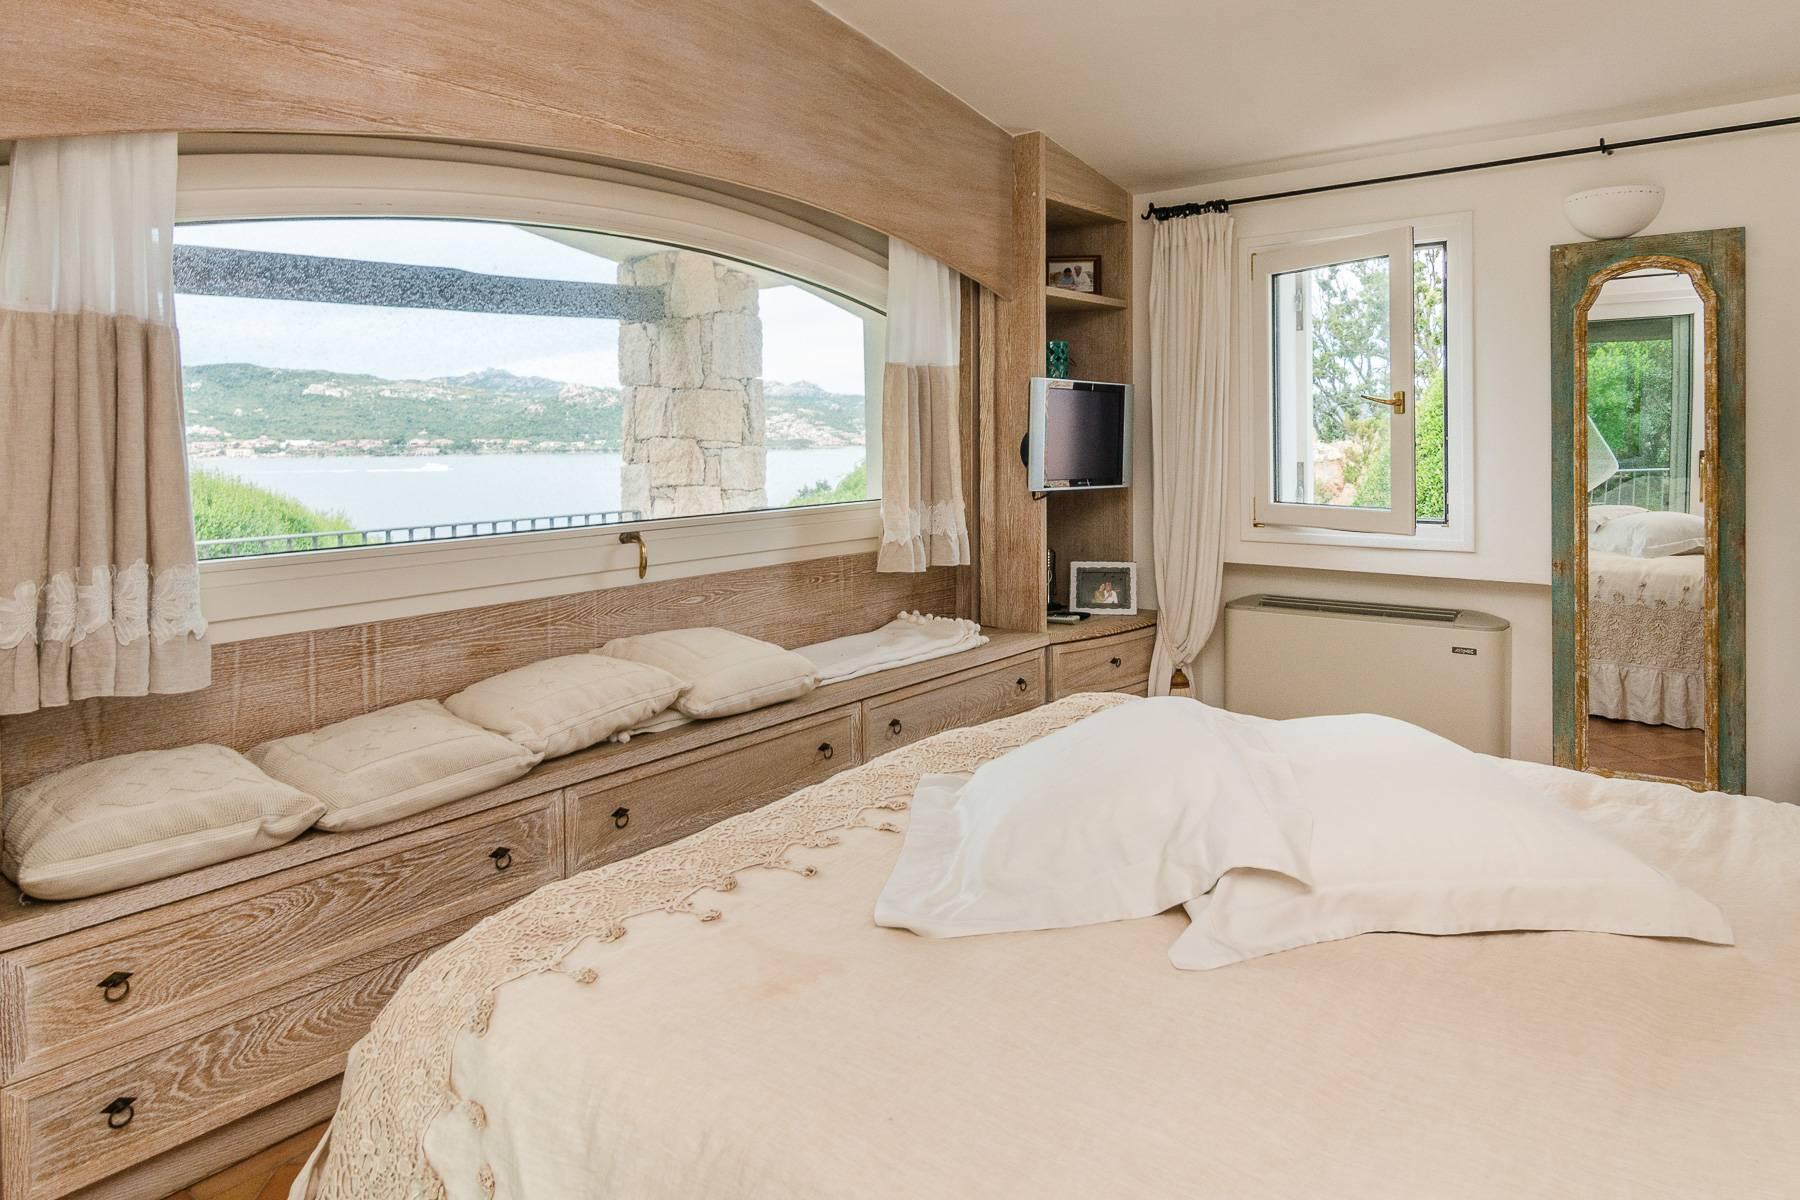 Villa in Vendita a Arzachena: 5 locali, 1112 mq - Foto 9